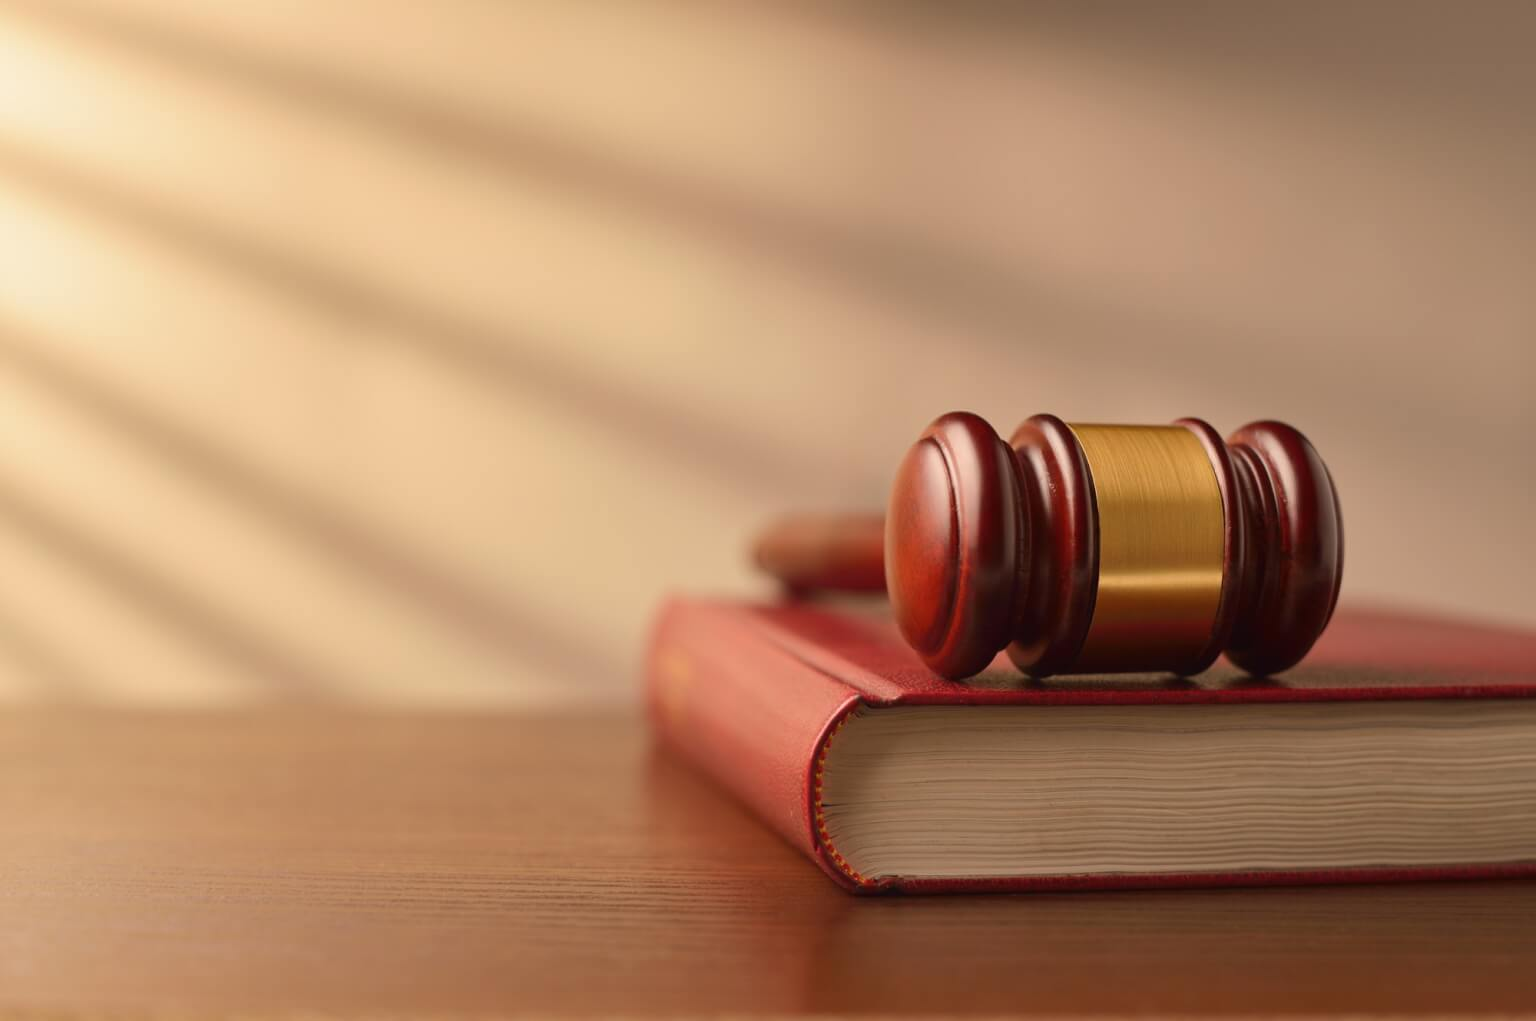 Naaktrecreatie en de wet - Artikel 430a